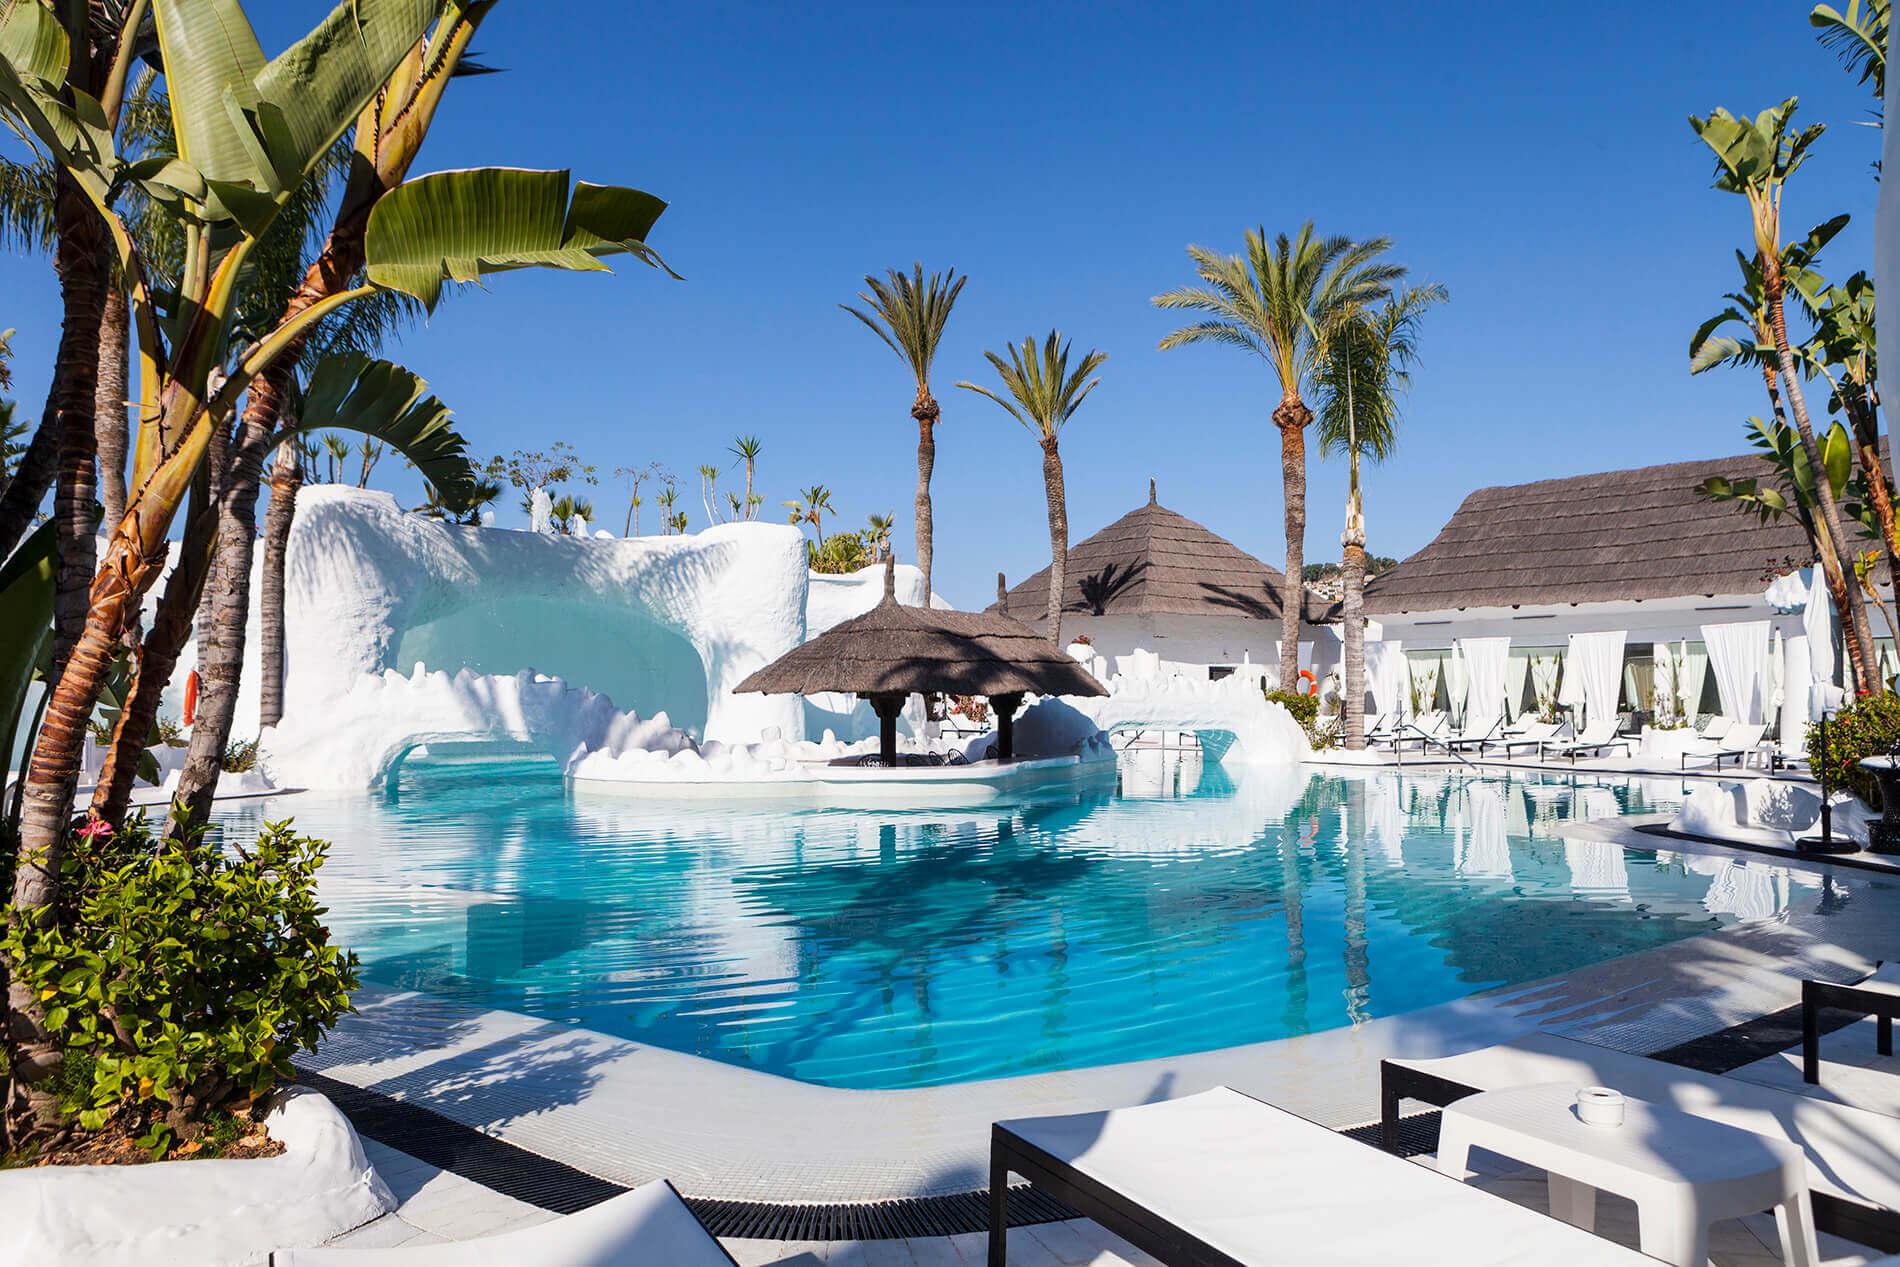 Espanja-Almuneckar-Hotel Suite Albayzin del Mar allas